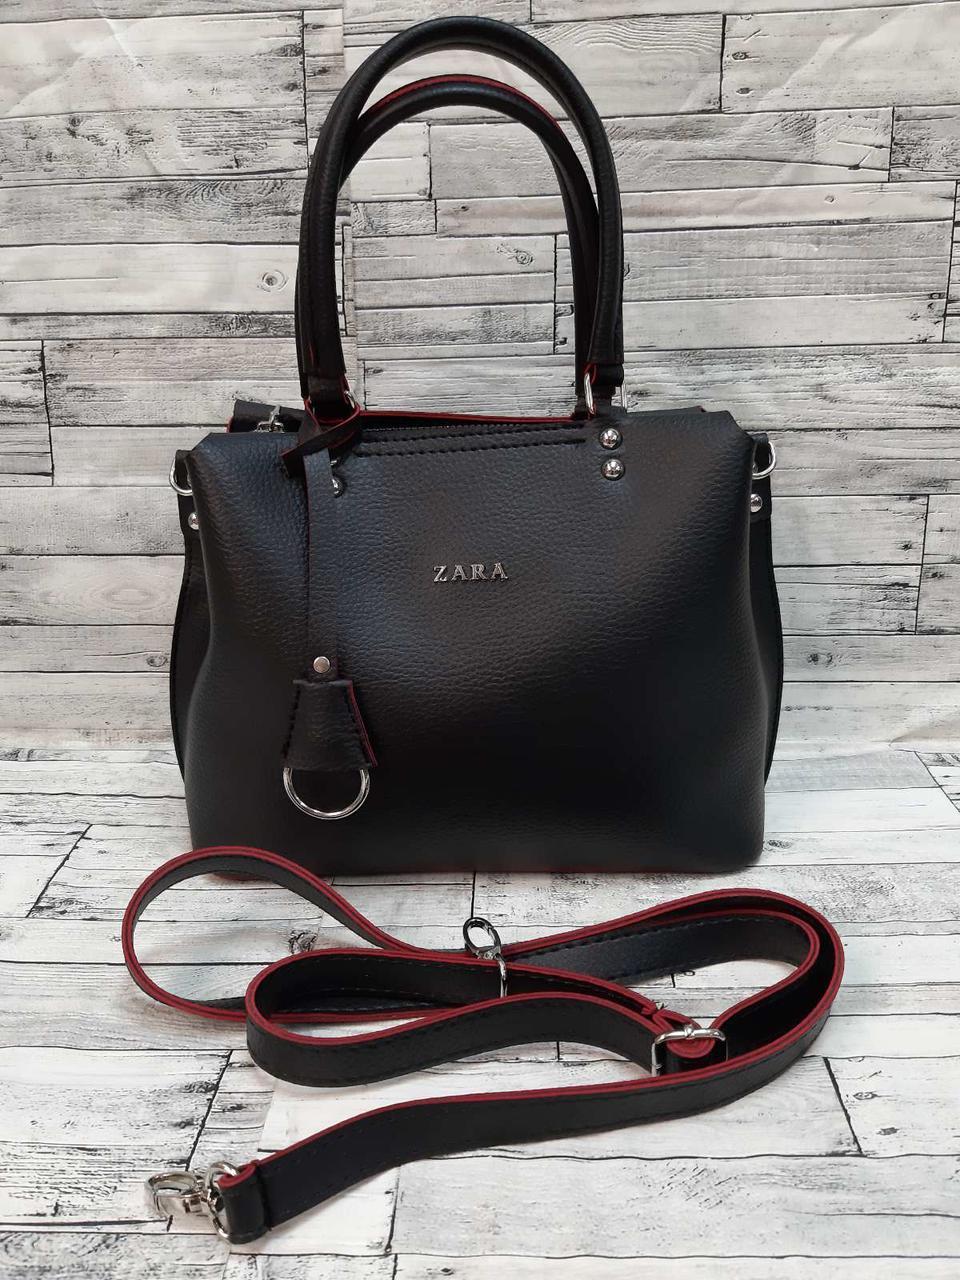 Стильная Женская сумка ZARA Зара из экокожи . Черная с красным